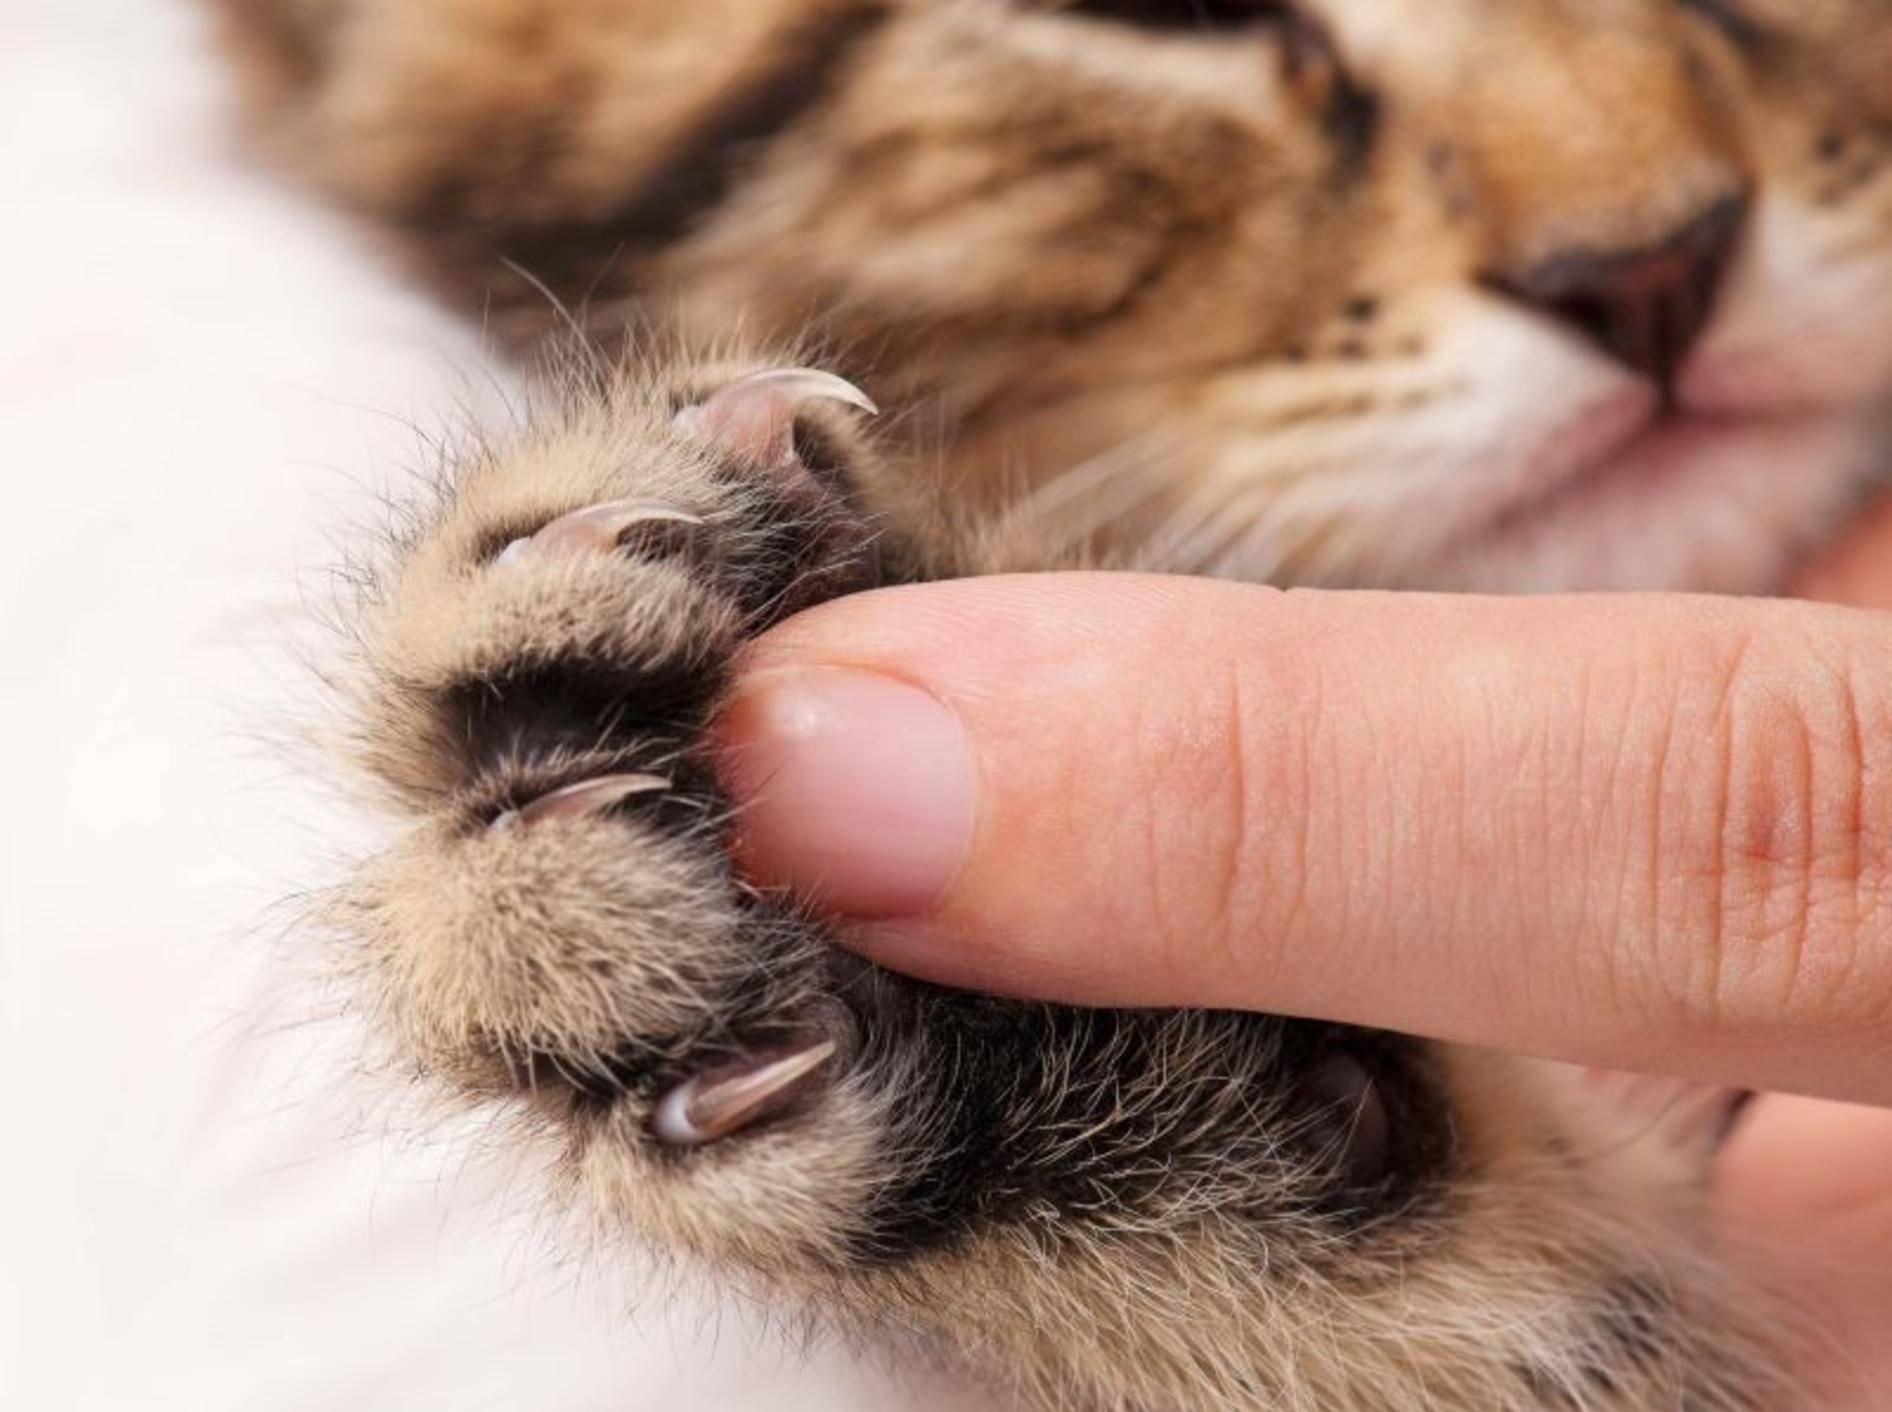 Katzenbabys müssen noch lernen, ihre Krallen beim Spielen unter Kontrolle zu haben – Shutterstock / Lubava